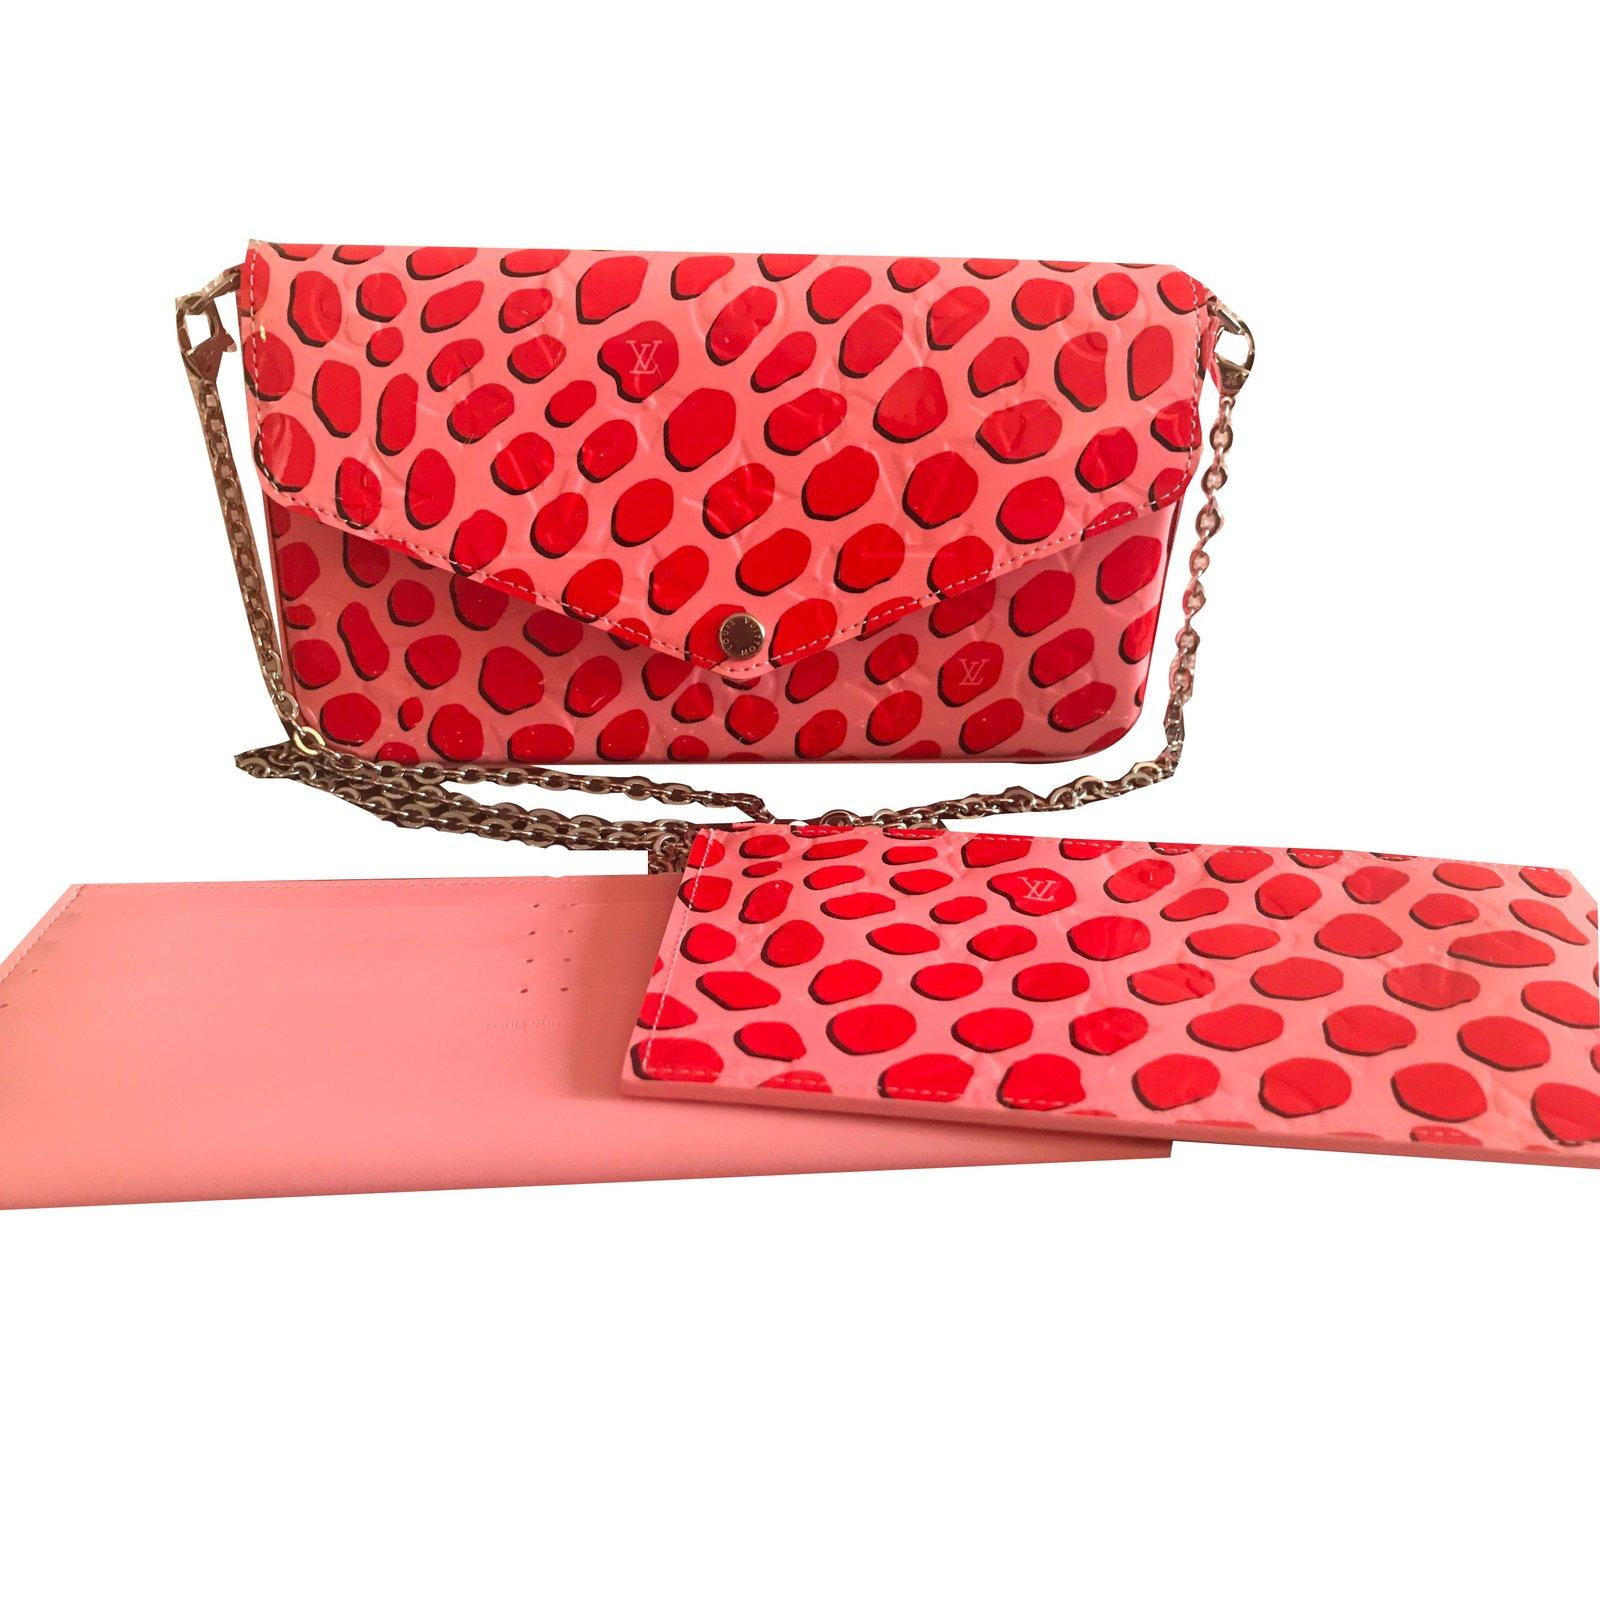 64b0e1efe883 Sacs à main Louis Vuitton Pochette Felicie Cuir vernis Multicolore ref.58319